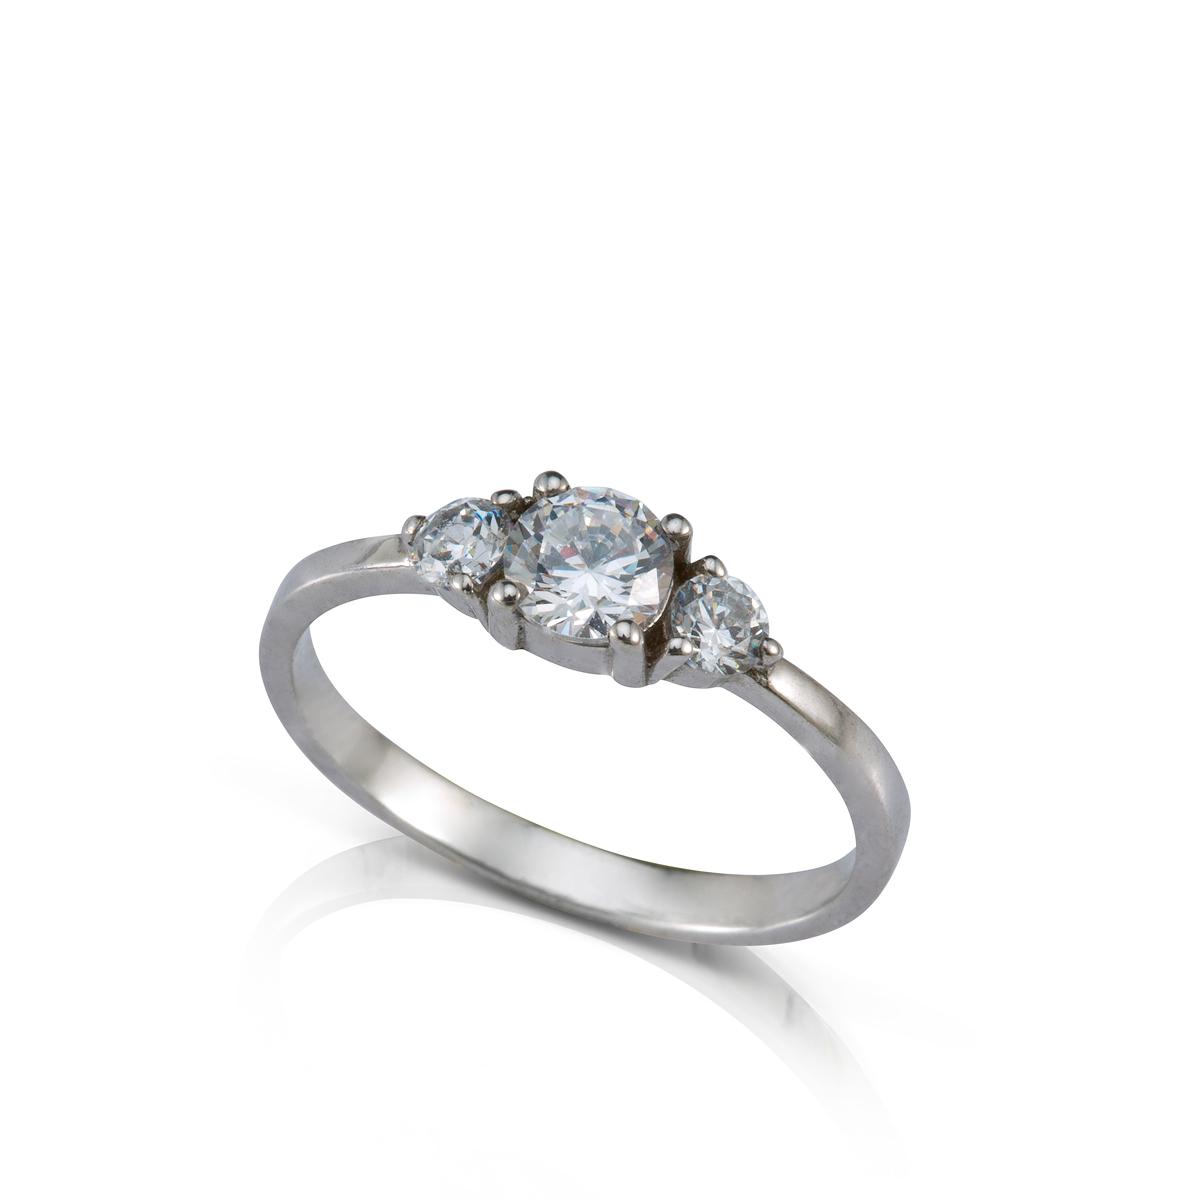 טבעת אירוסין משובצת יהלום מרכזי 0.40ct  ו-2 יהלומים צדדים